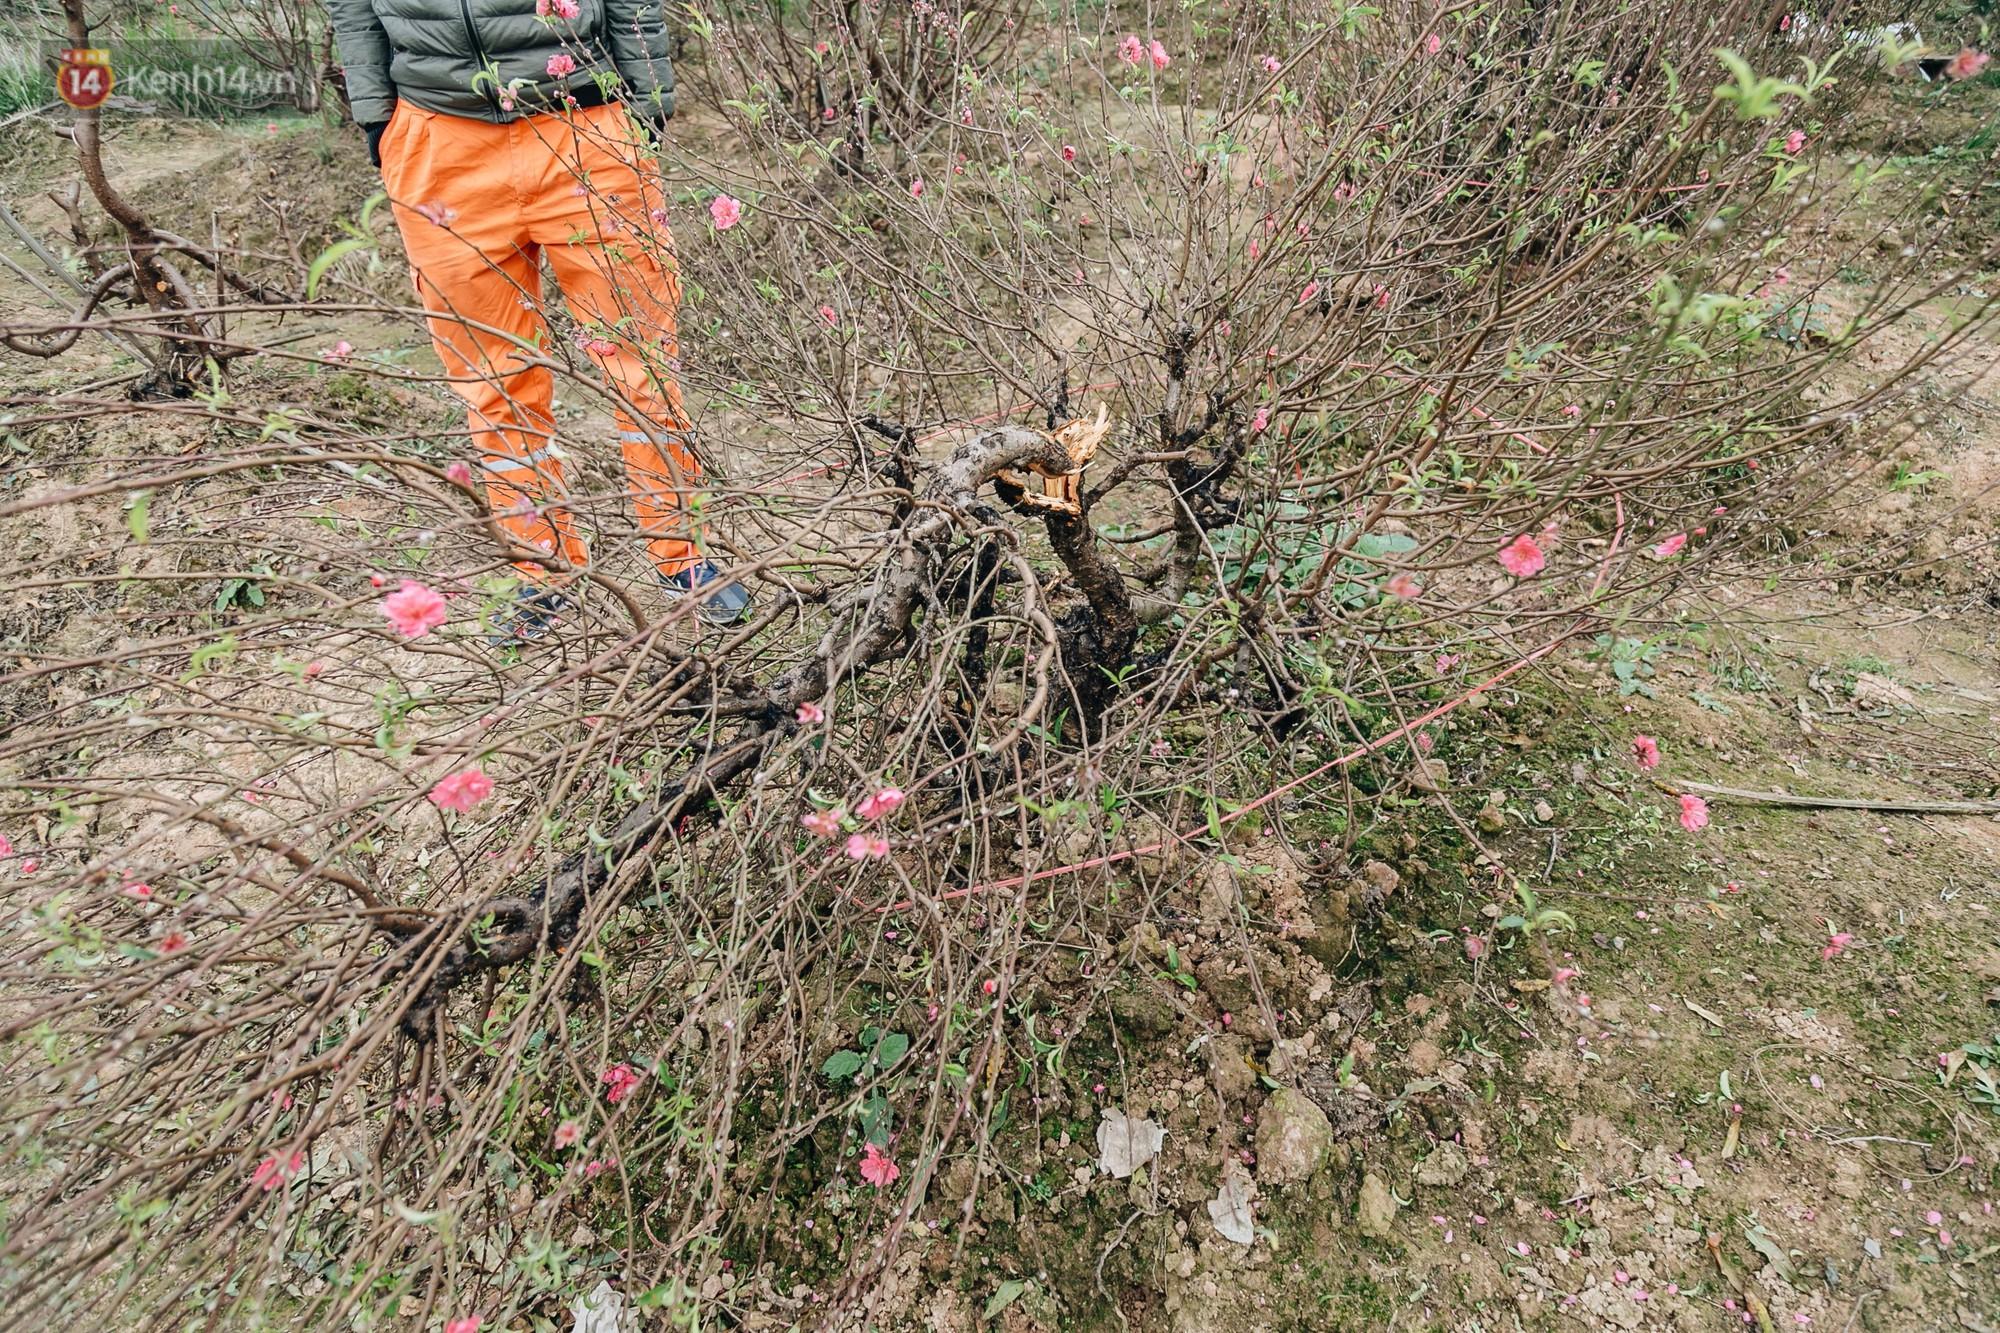 Gần 200 gốc đào của người dân Bắc Ninh bị chặt phá trong đêm: Tết năm nay còn chả có bánh chưng mà ăn-10